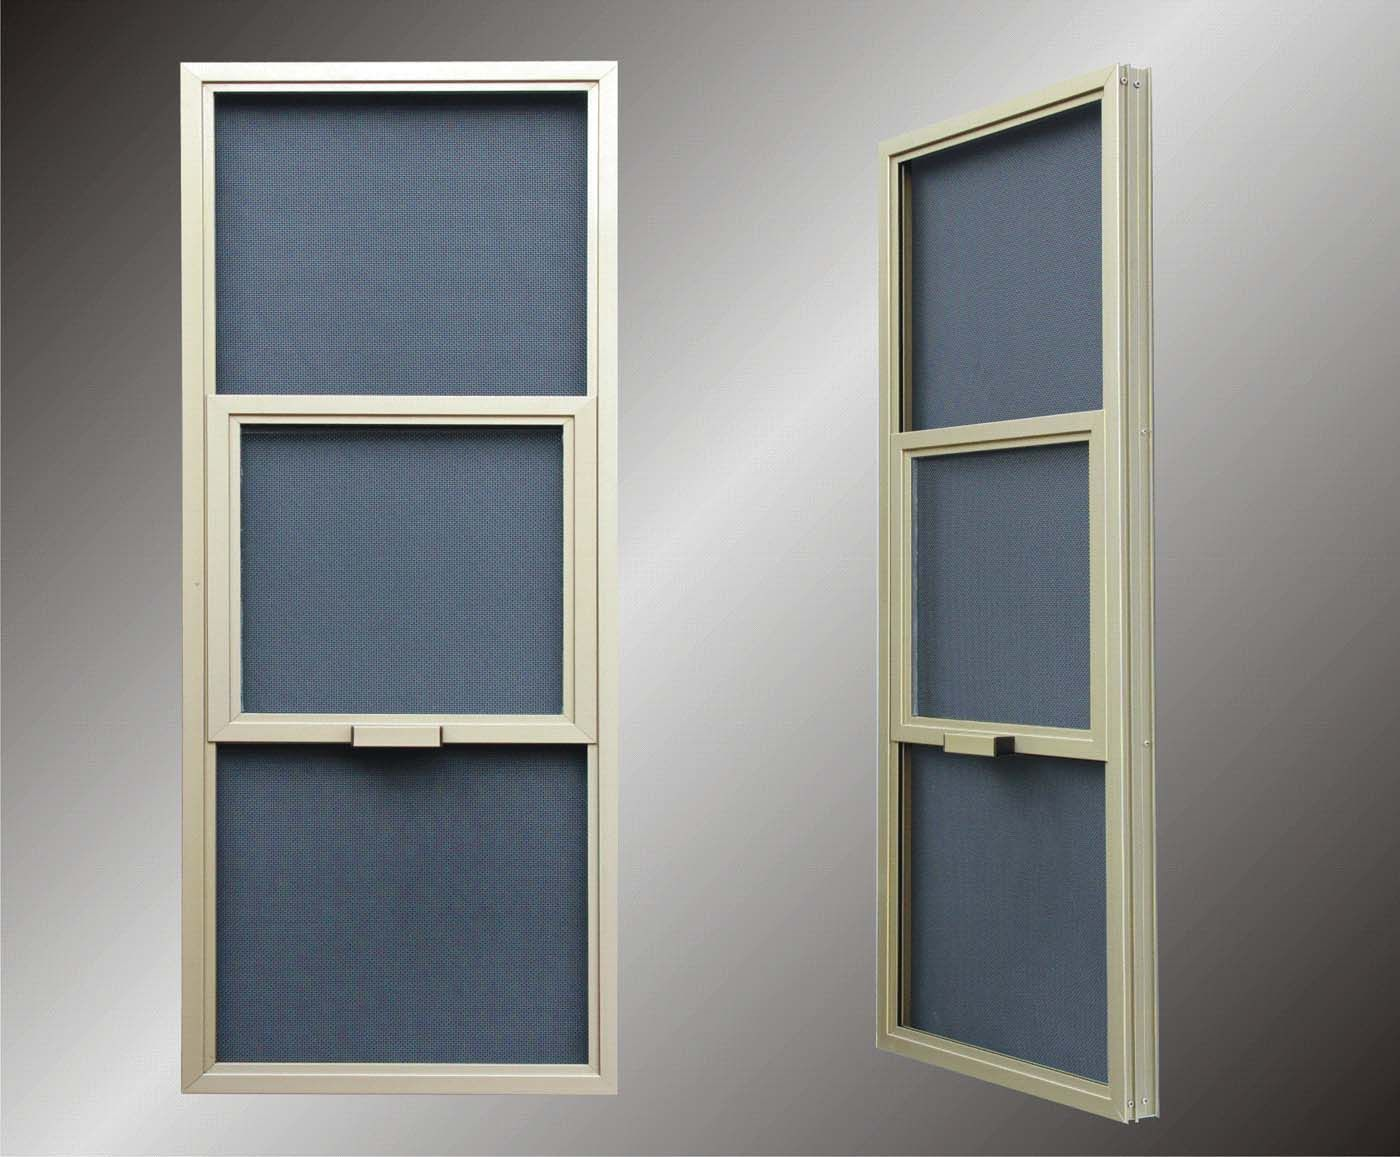 隐形纱窗怎样拆卸方便,不拆卸纱窗如何清洗